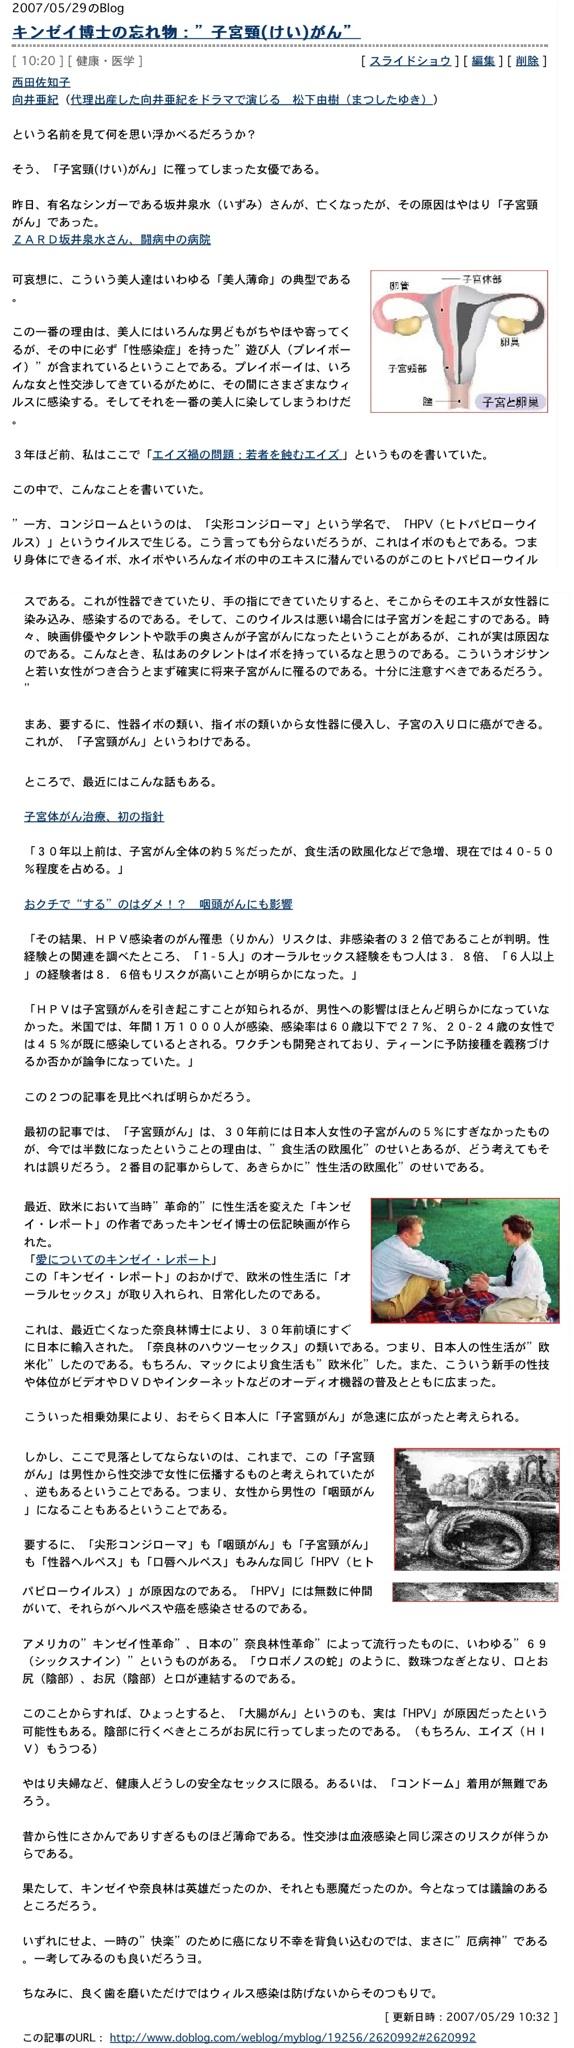 """昔のブログから:キンゼイ博士の忘れ物:""""子宮頸がん""""_e0171614_12125515.jpg"""